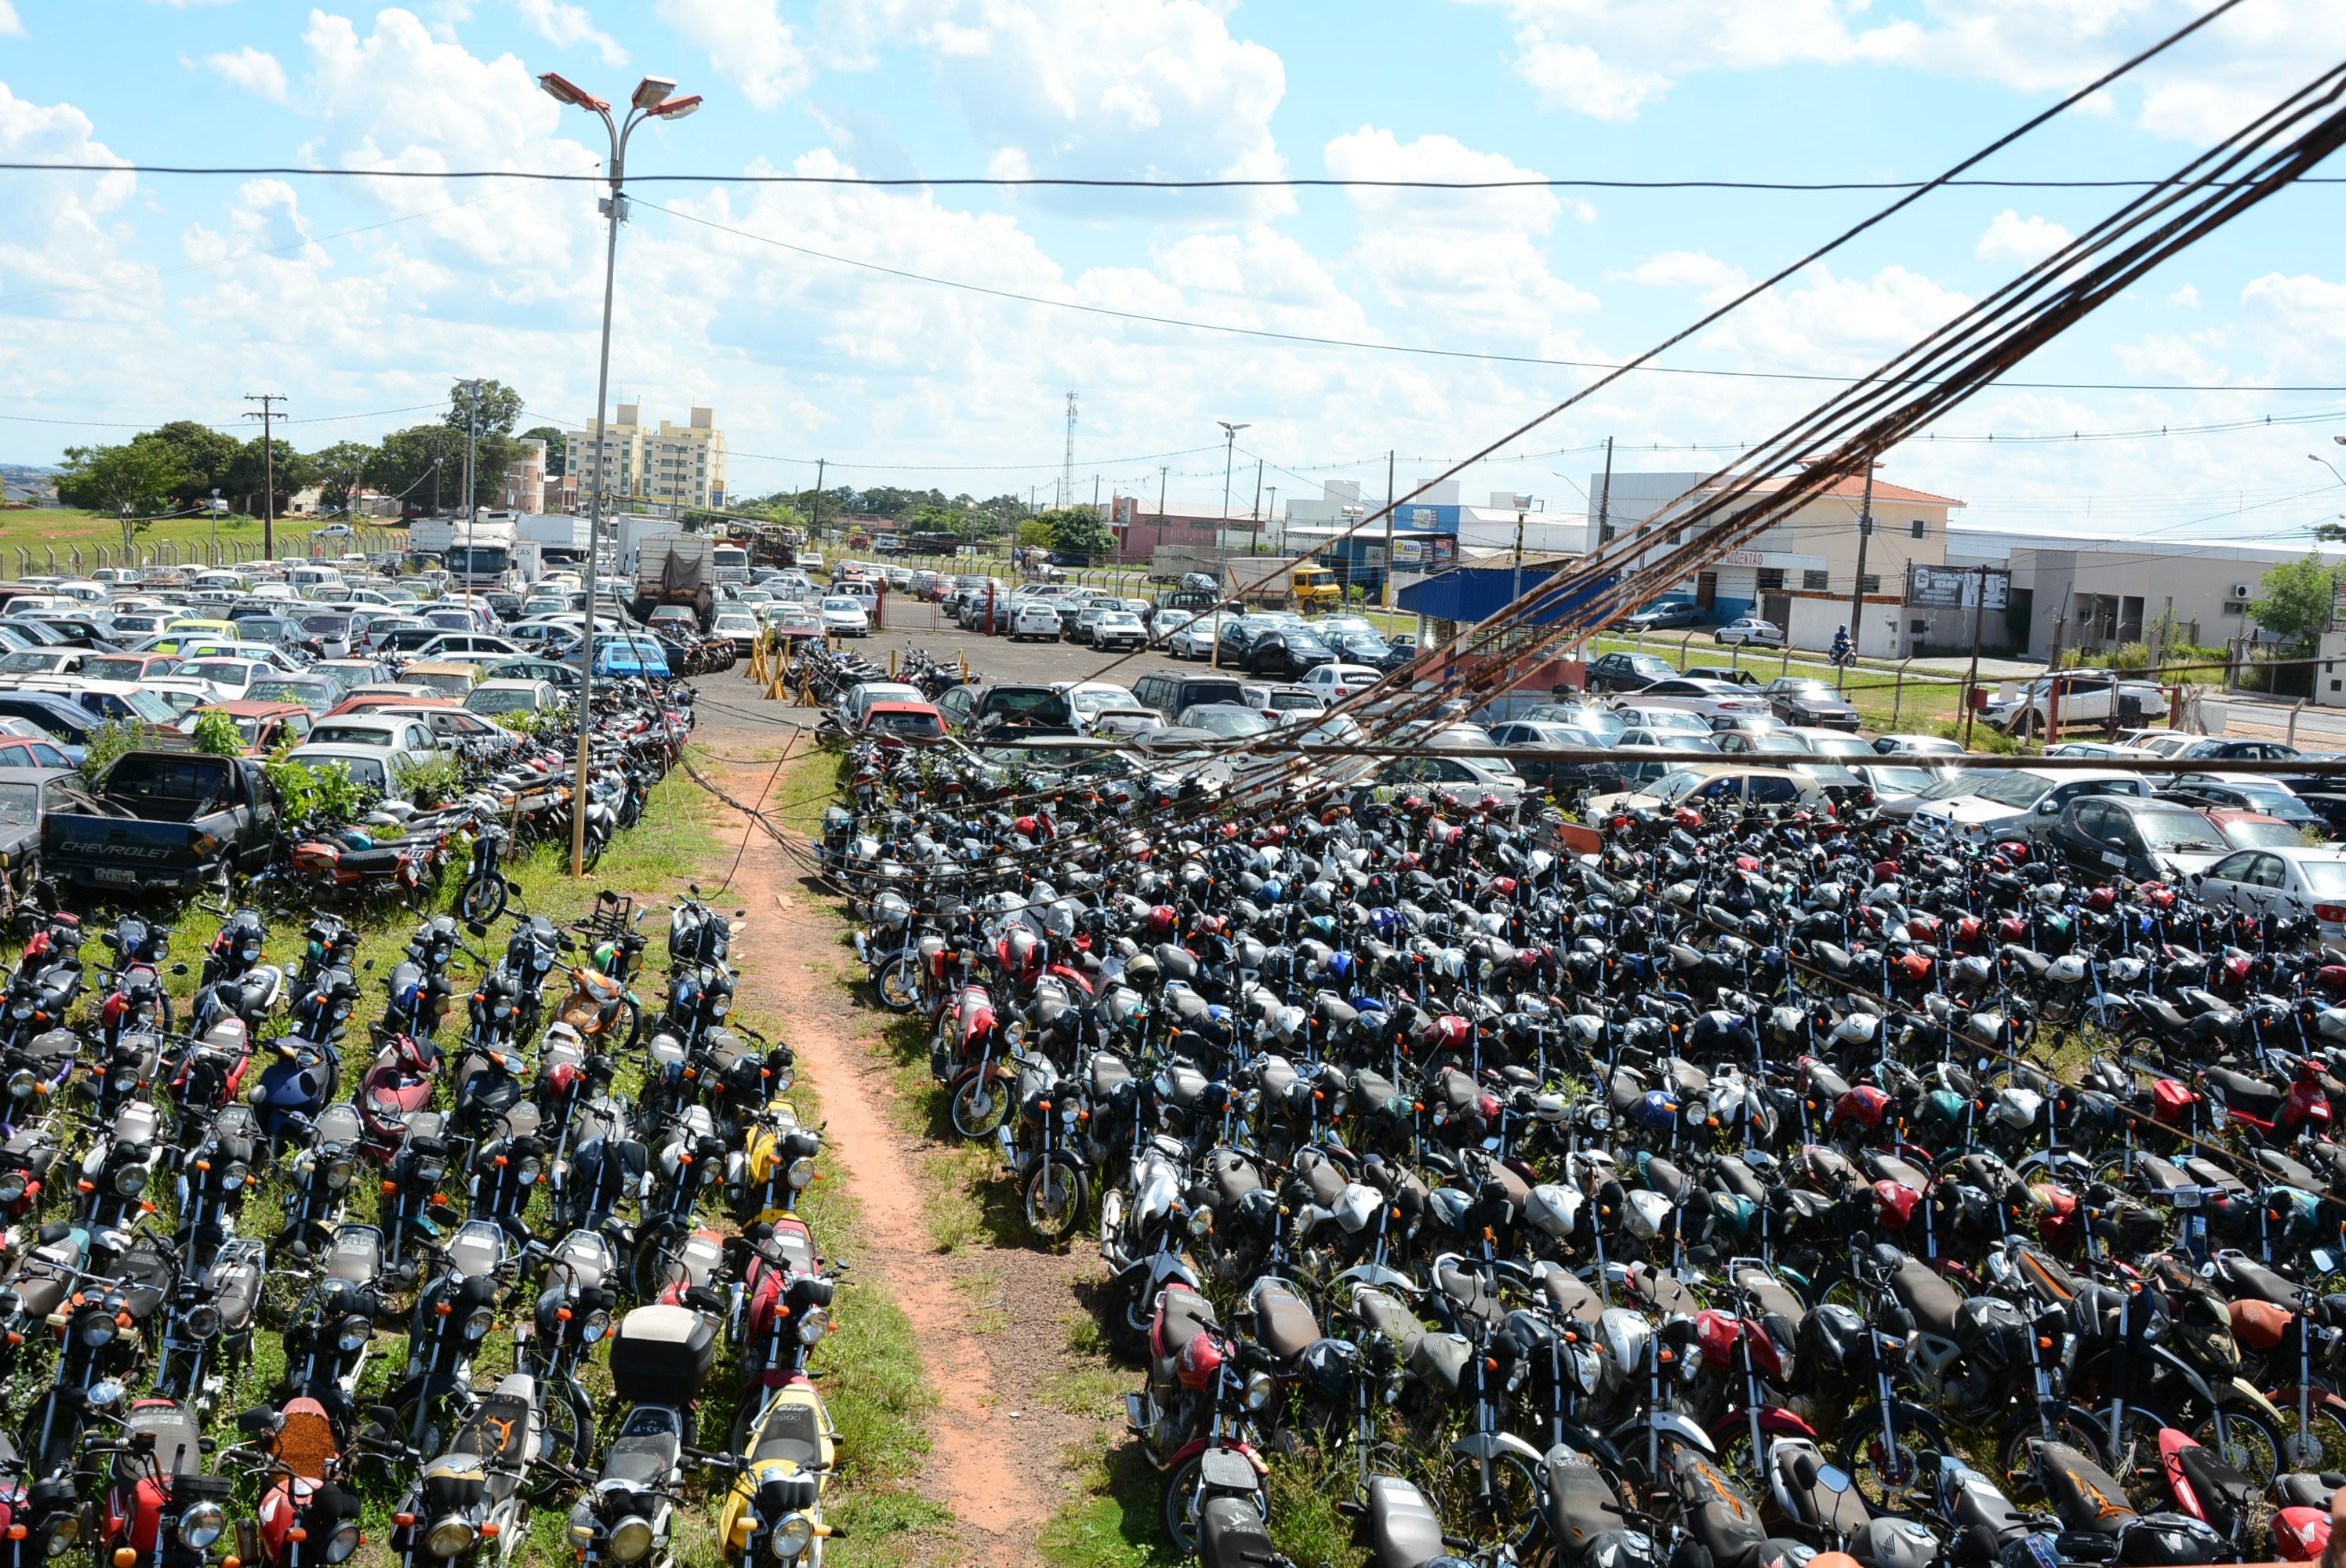 Prefeitura de Presidente Prudente anuncia terceirização do Pátio Municipal de apreensão de veículos - Noticias